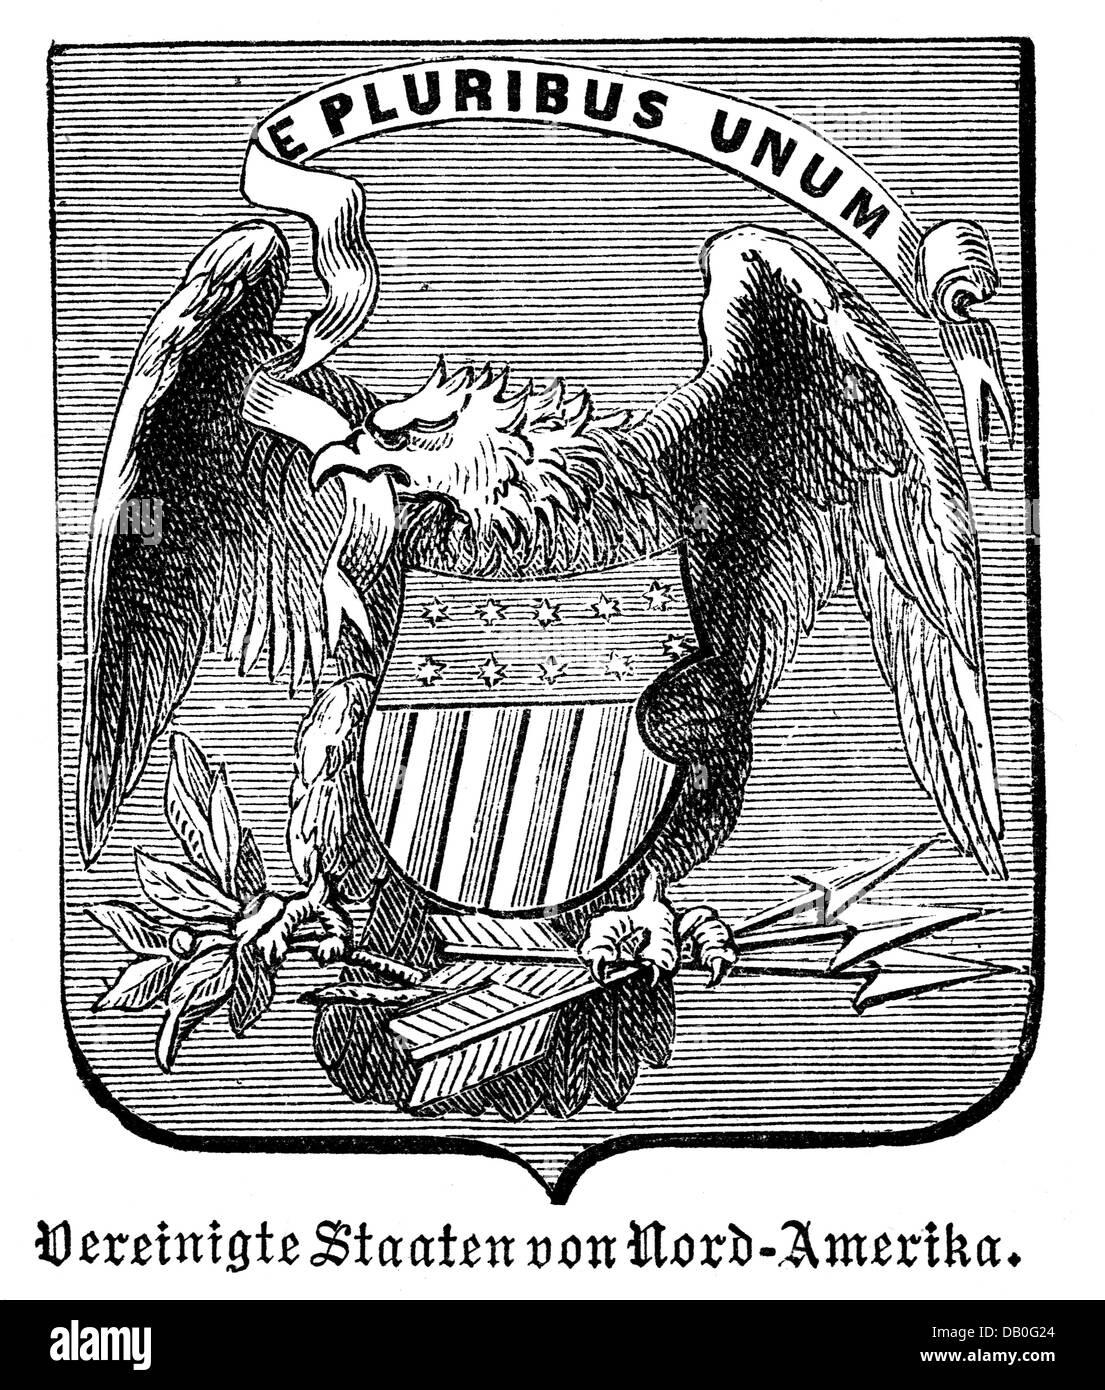 heraldry, armoiries, États-Unis, armoiries d'État des États-Unis d'Amérique, gravure en bois, 1872, droits supplémentaires-Clearences-non disponible Banque D'Images